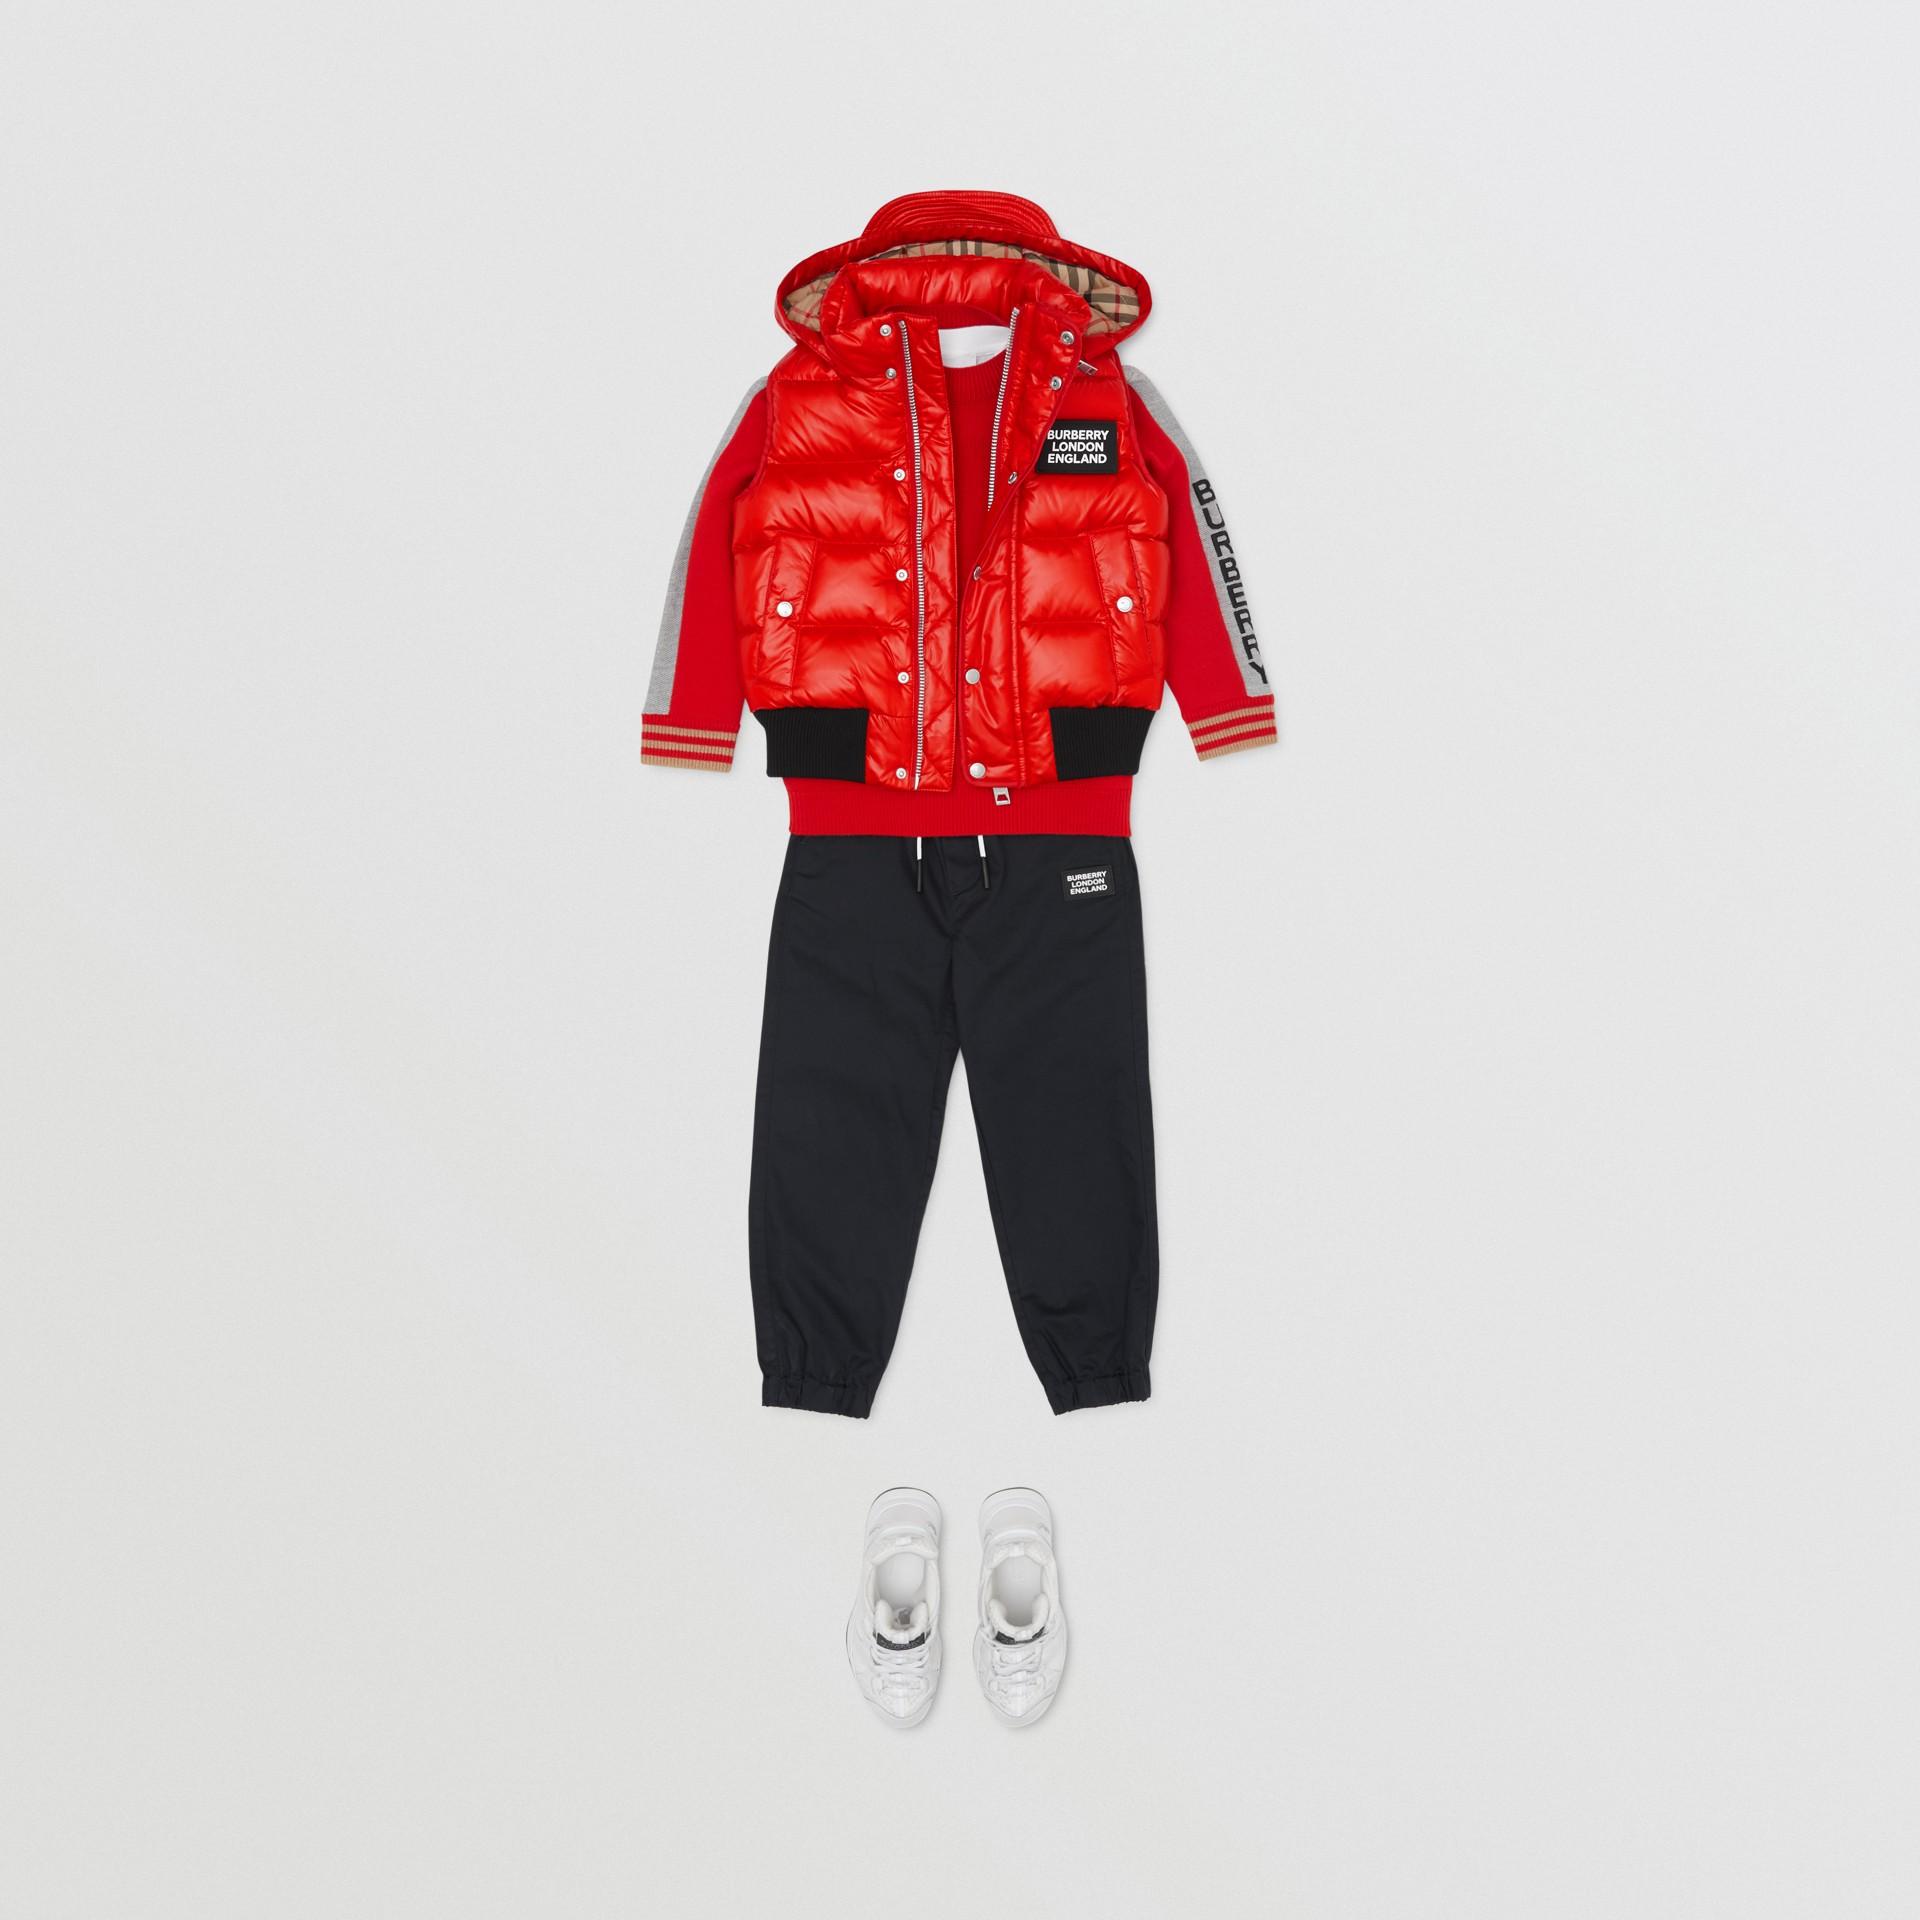 Colete acolchoado de nylon com capuz removível (Vermelho Pillar Box) | Burberry - galeria de imagens 3